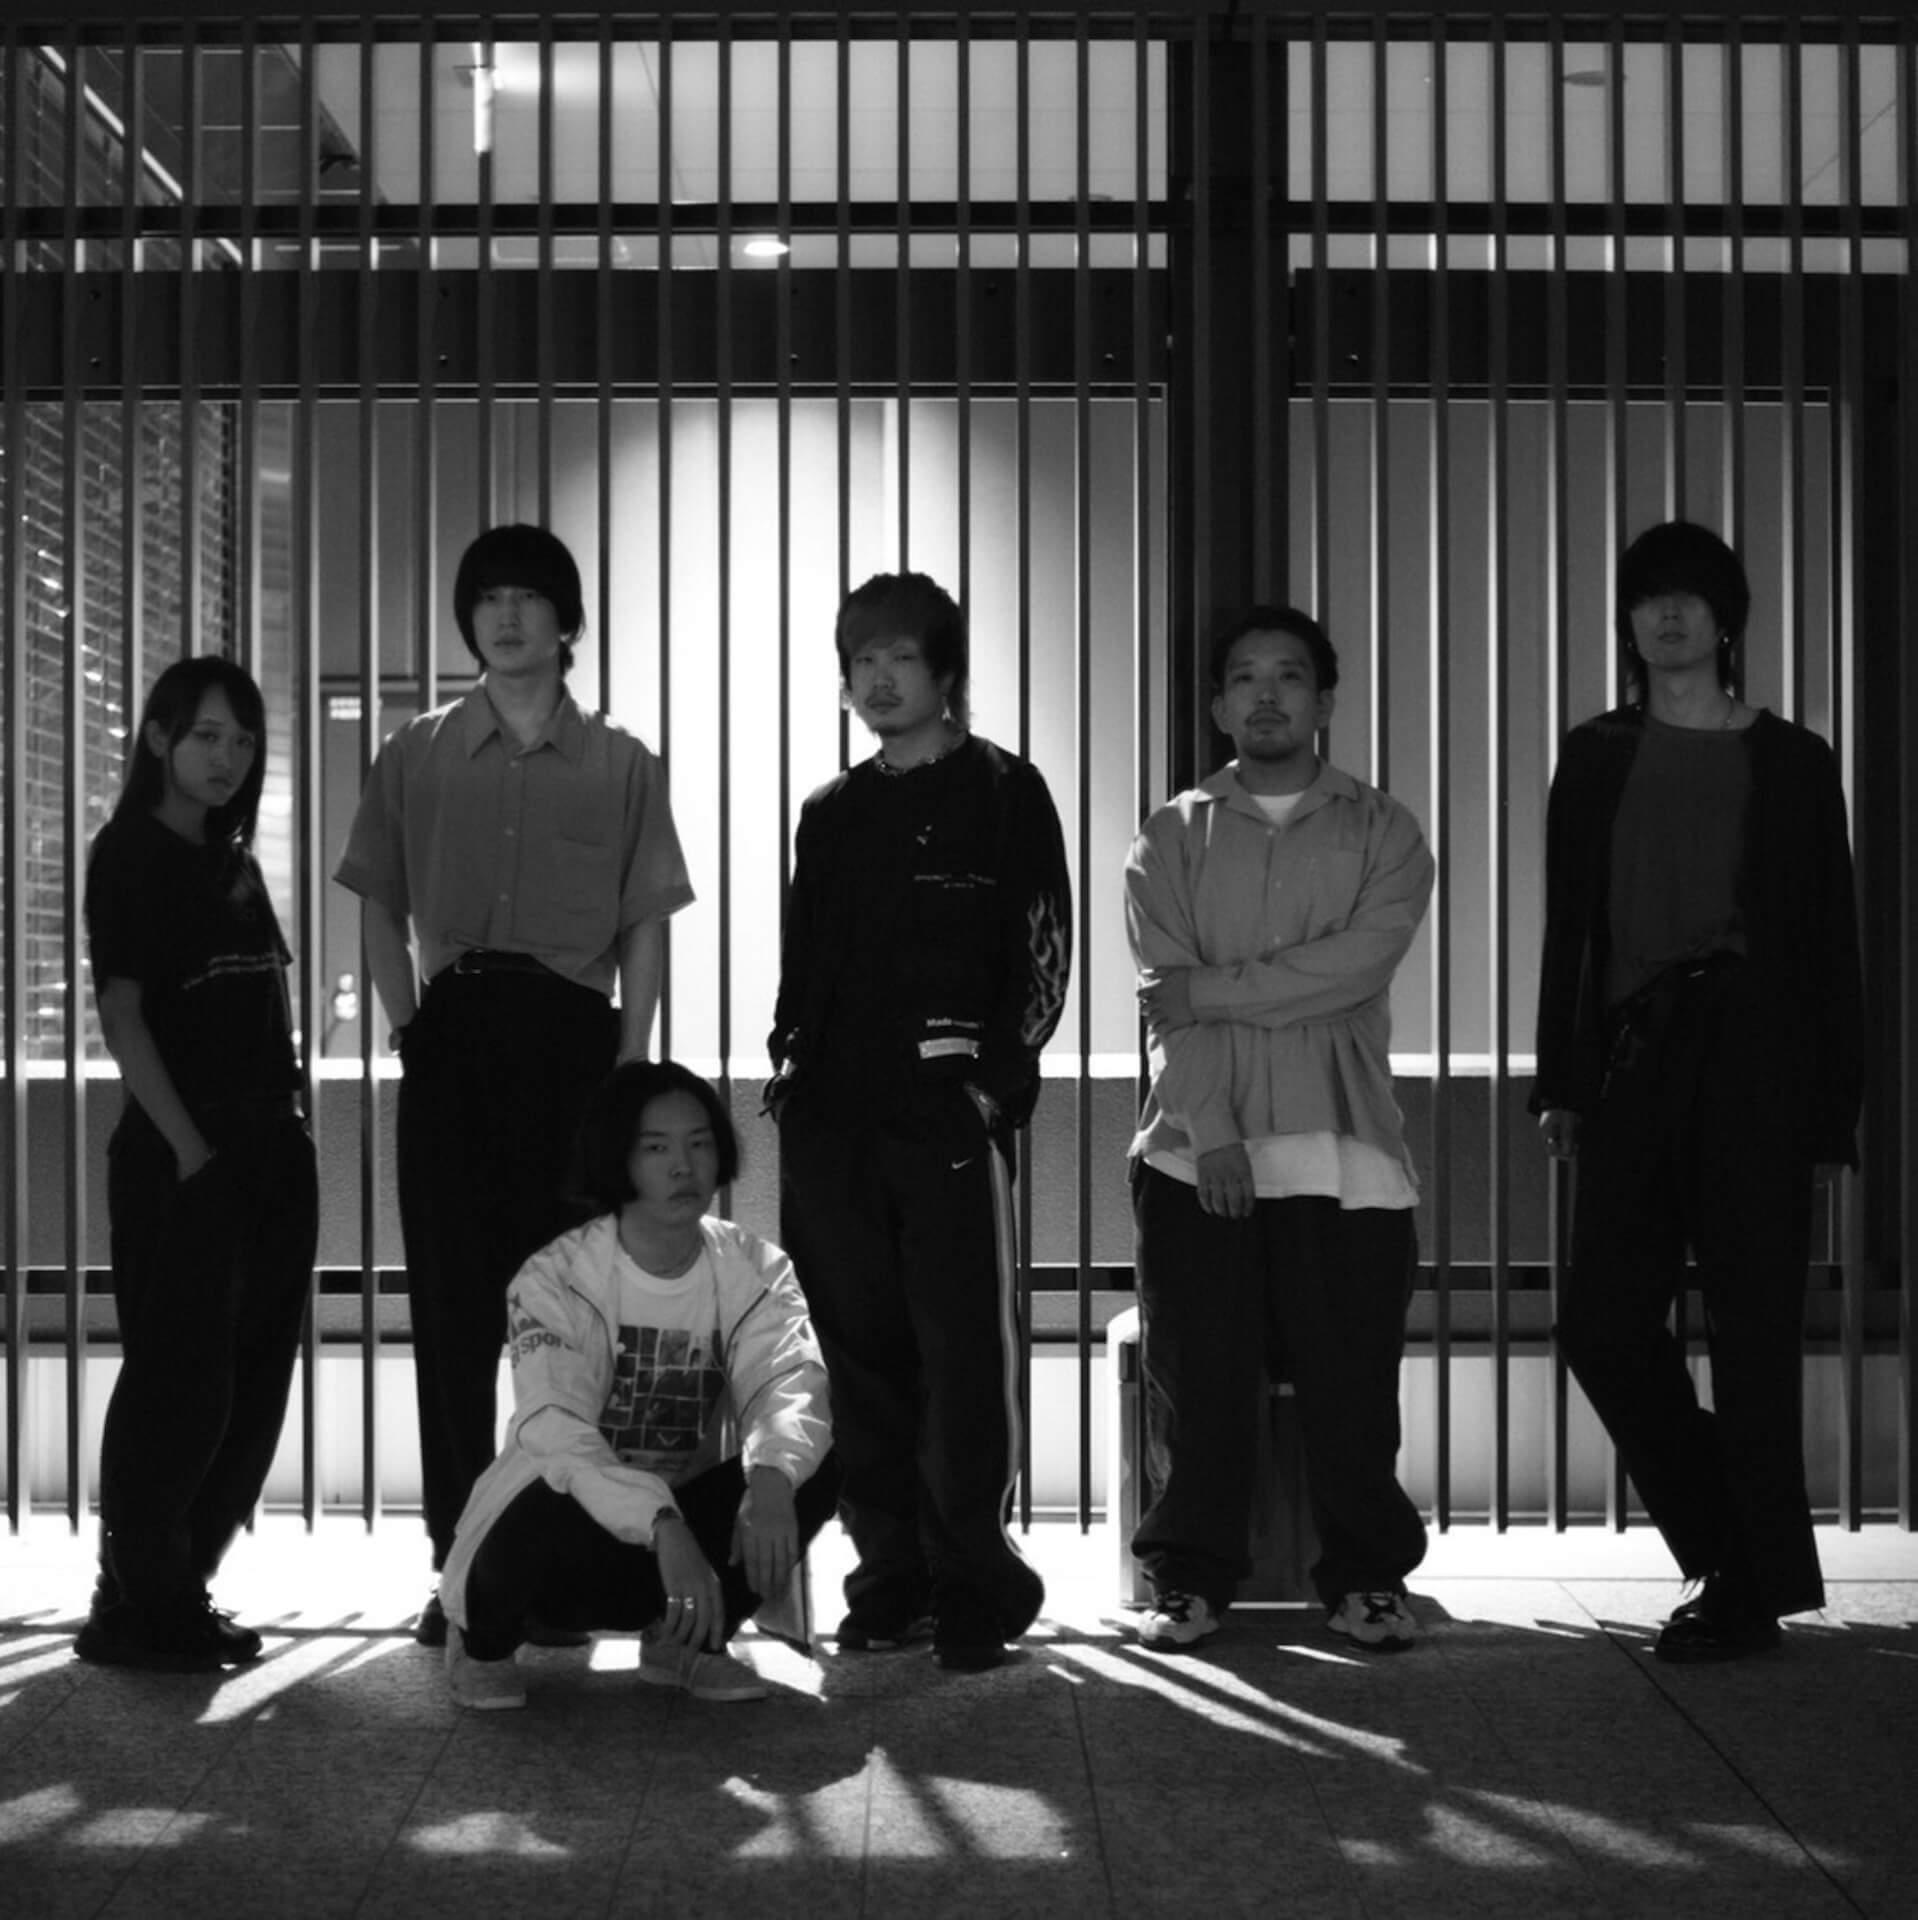 gatoが2nd EPより、pavilion xoolプロデュースの先行シングルを公開。KATAでのリリパ開催も決定 music191021_gato2nd_main